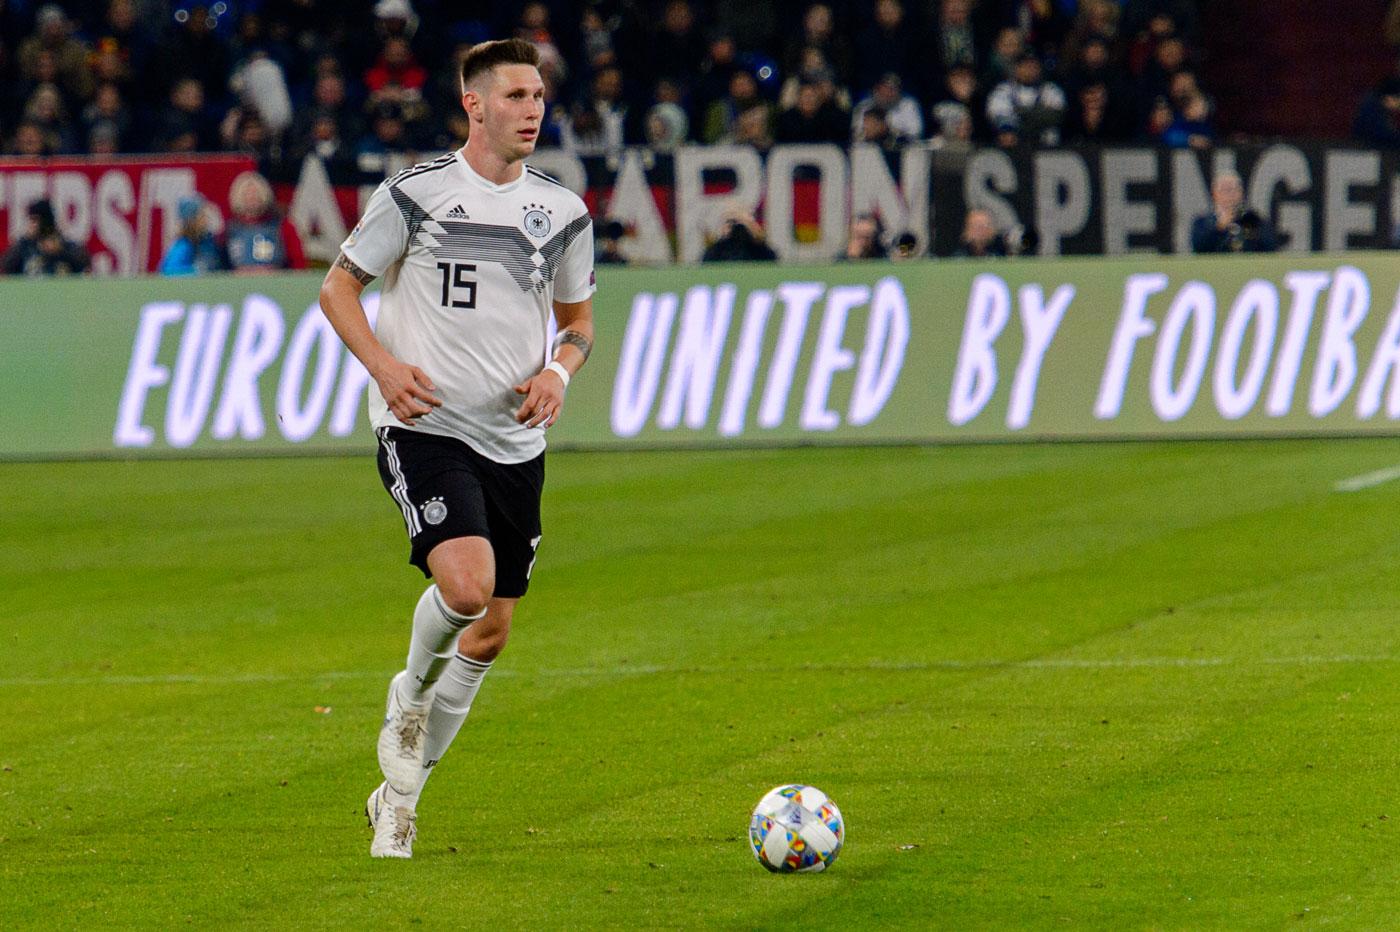 Niklas Süle im DFB Trikot mit der Nummer 15 in der EM-Qualifikation 2020 gegen die Niederlande (Foto Shutterstock)